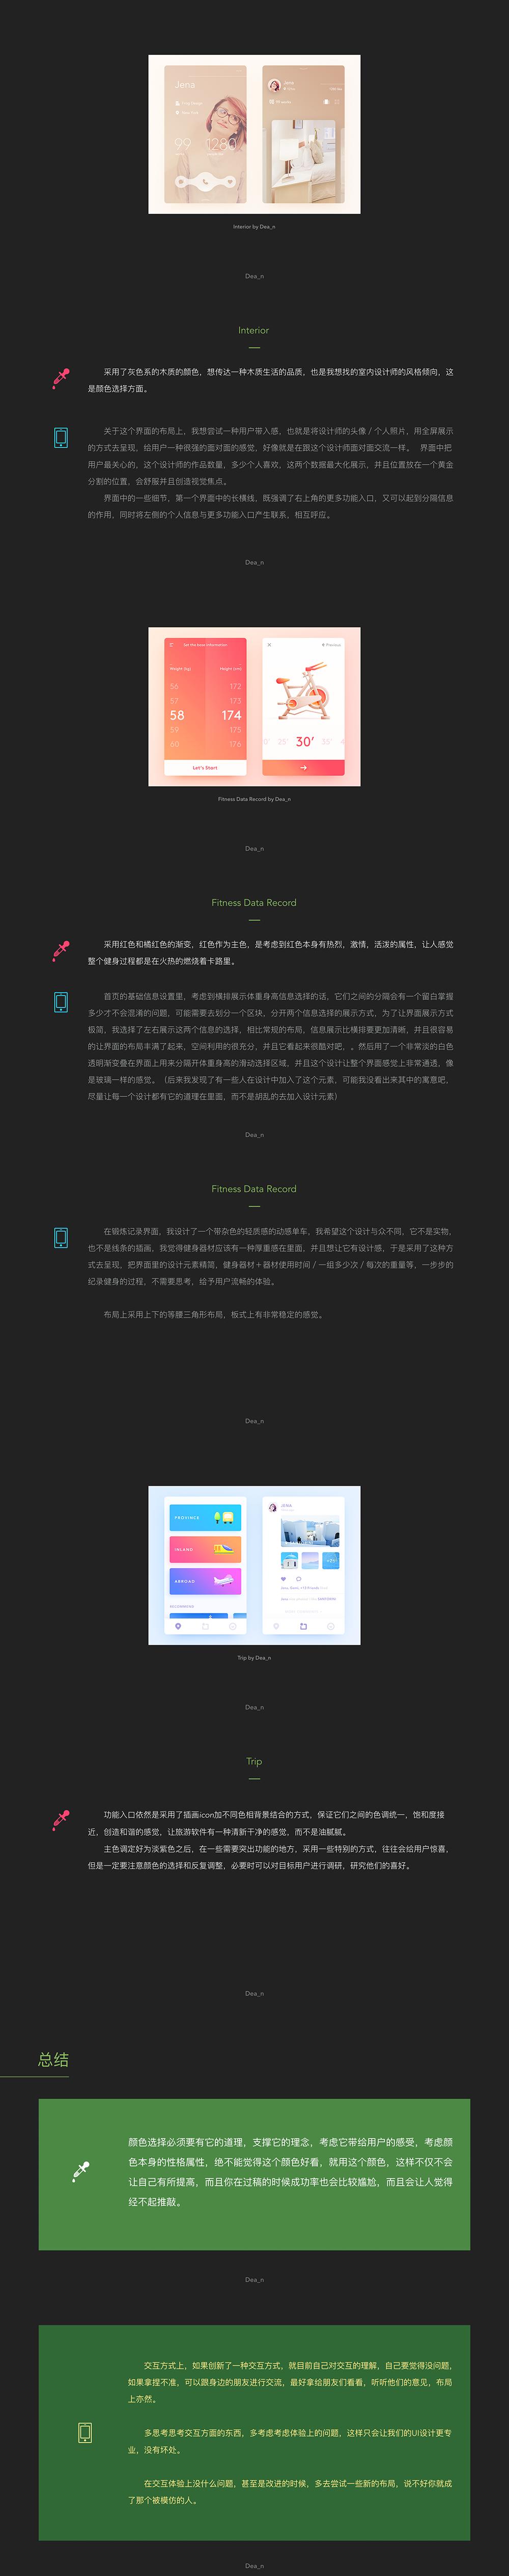 配色宝典:界面中的颜色选择 图趣网